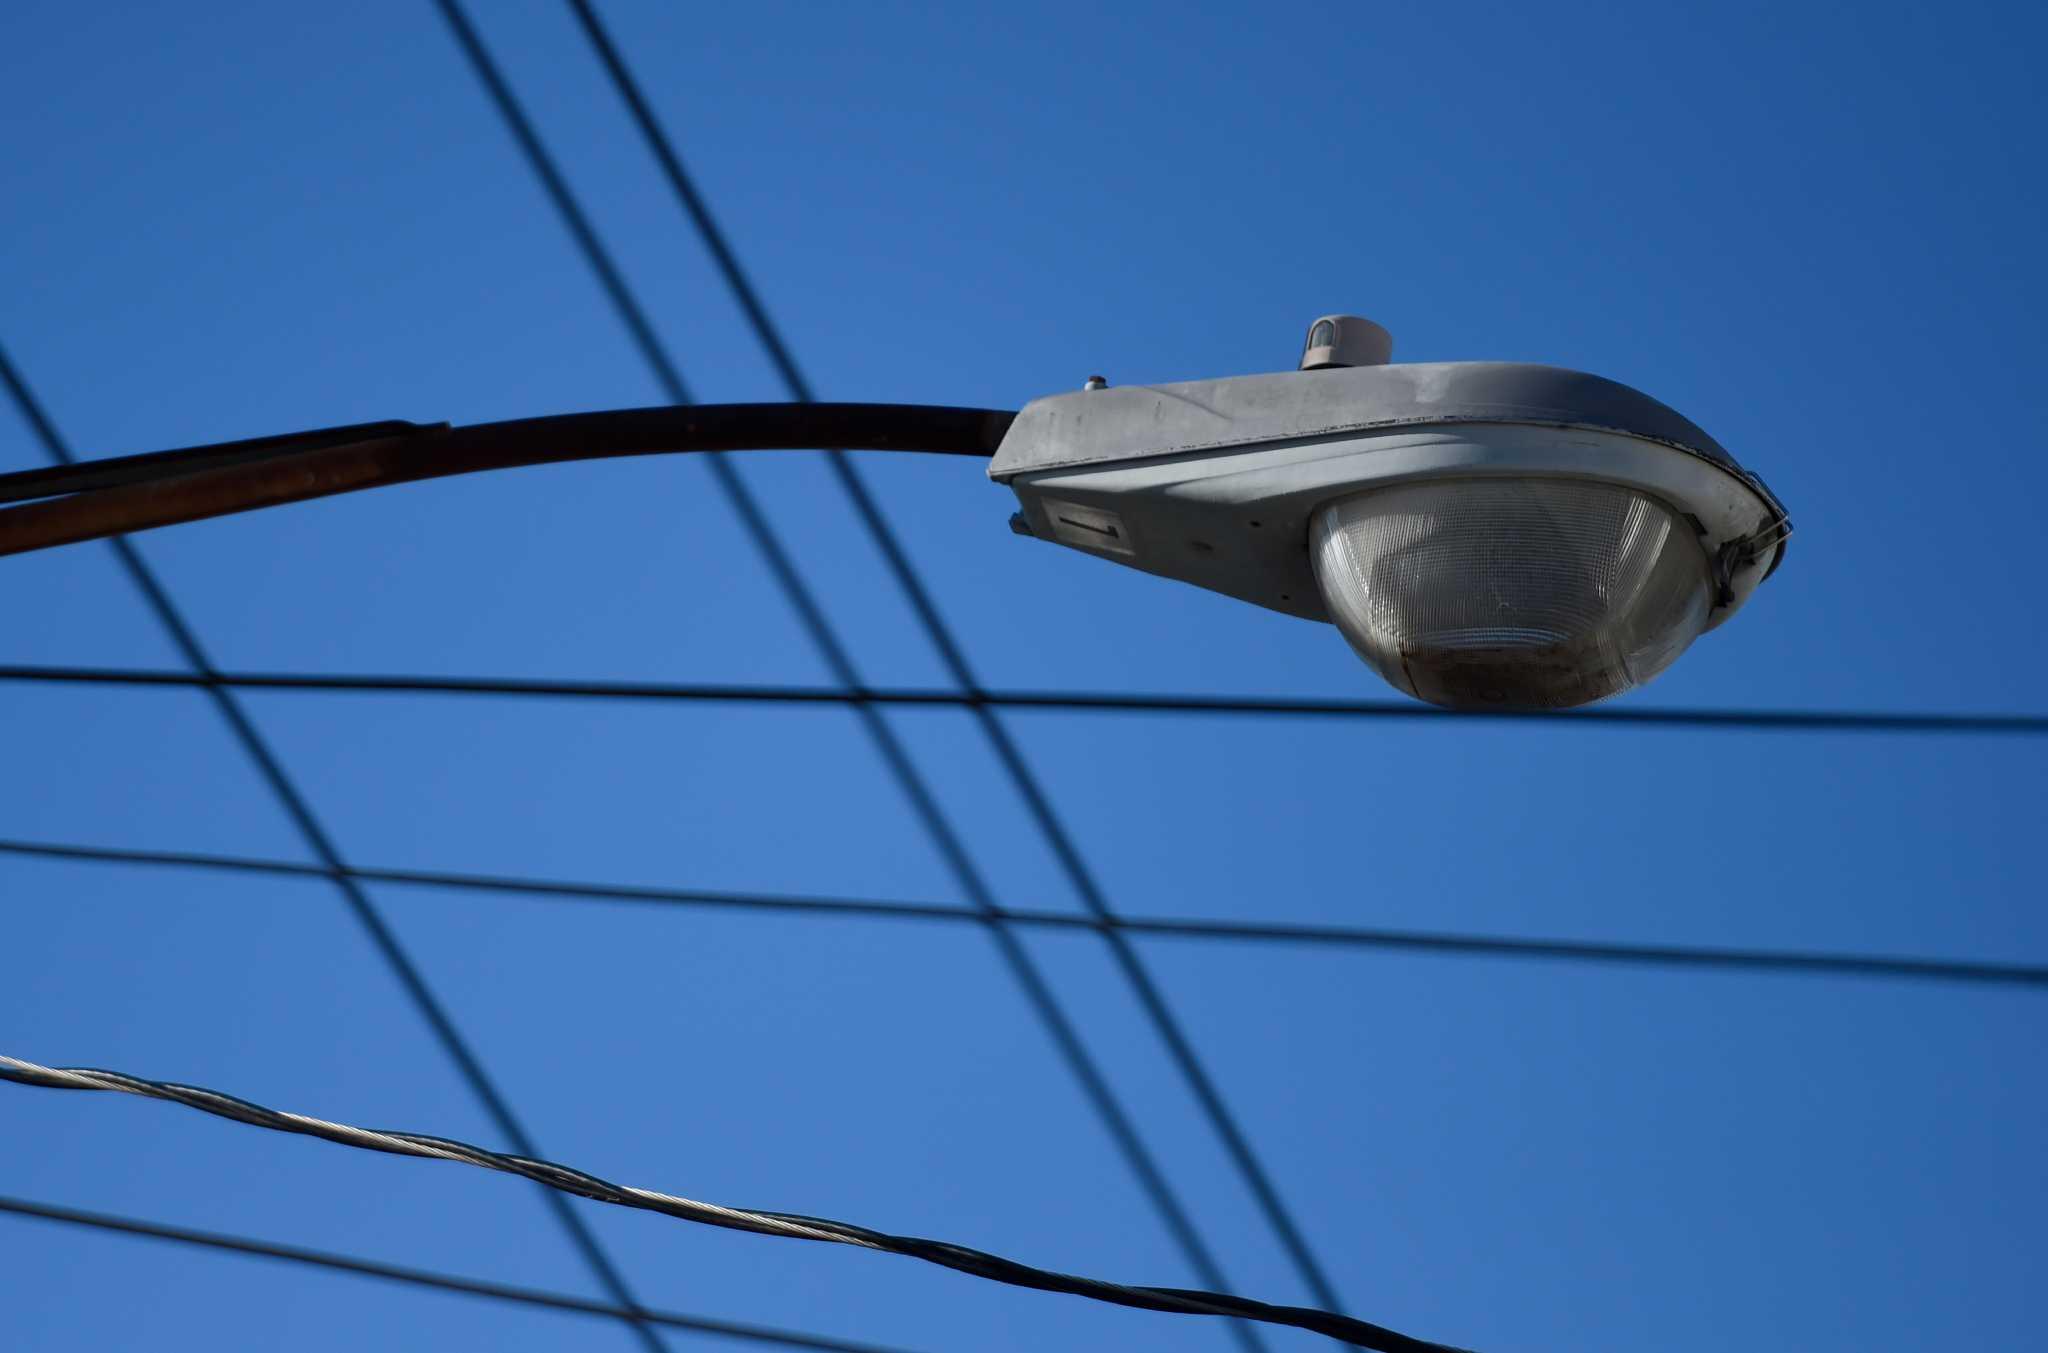 Ge to use gunfire sensors in led street lighting